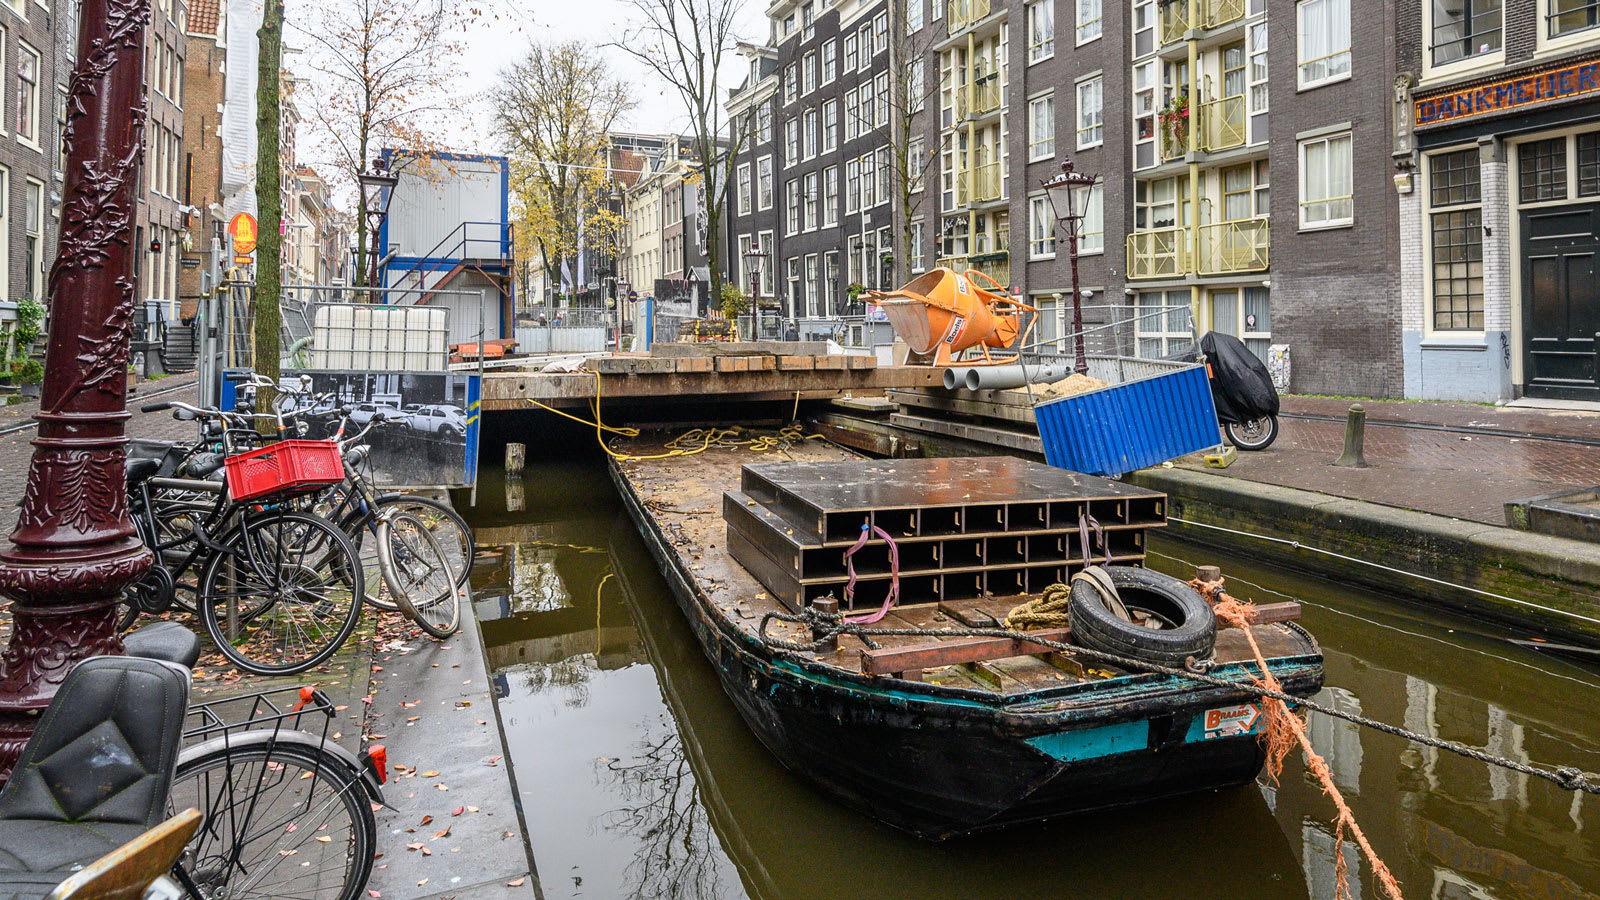 تظهر الشقوق والحفر على طول الممرات المائية في العاصمة الهولندية ، بينما تنهار جدران الرصيف أمام المراكب